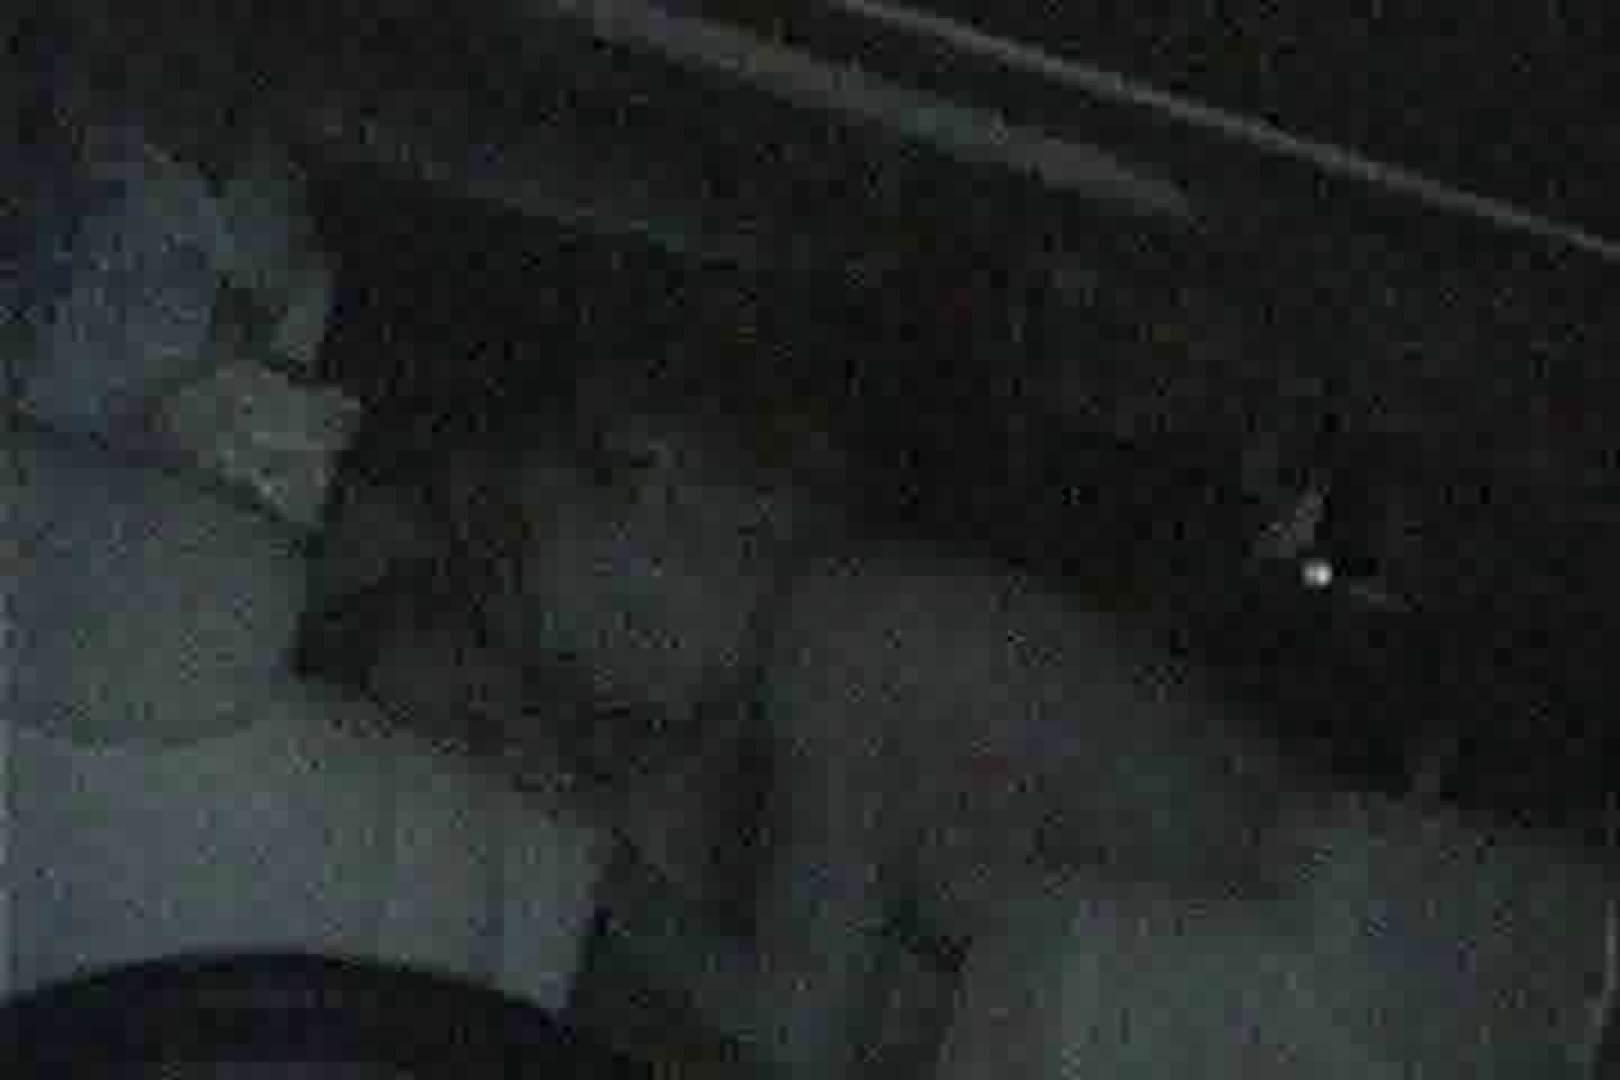 充血監督の深夜の運動会Vol.28 エロティックなOL オマンコ動画キャプチャ 56画像 24